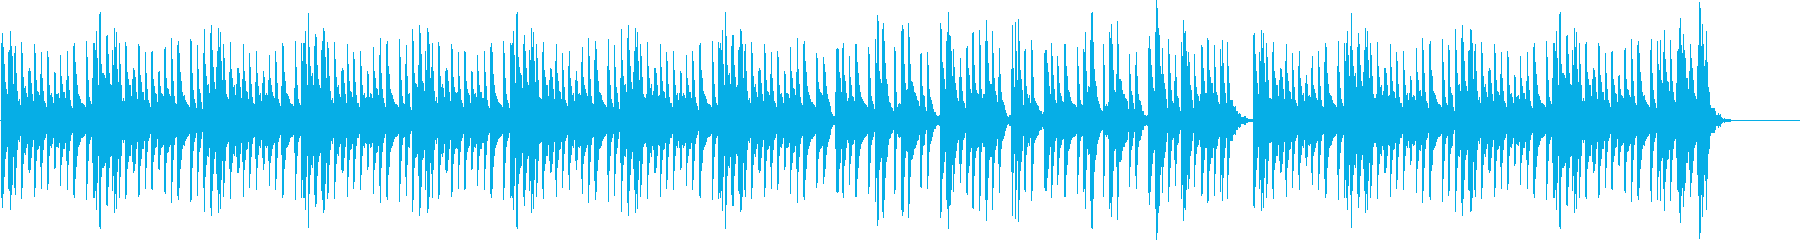 マリンバによるほのぼの日常系BGMの再生済みの波形